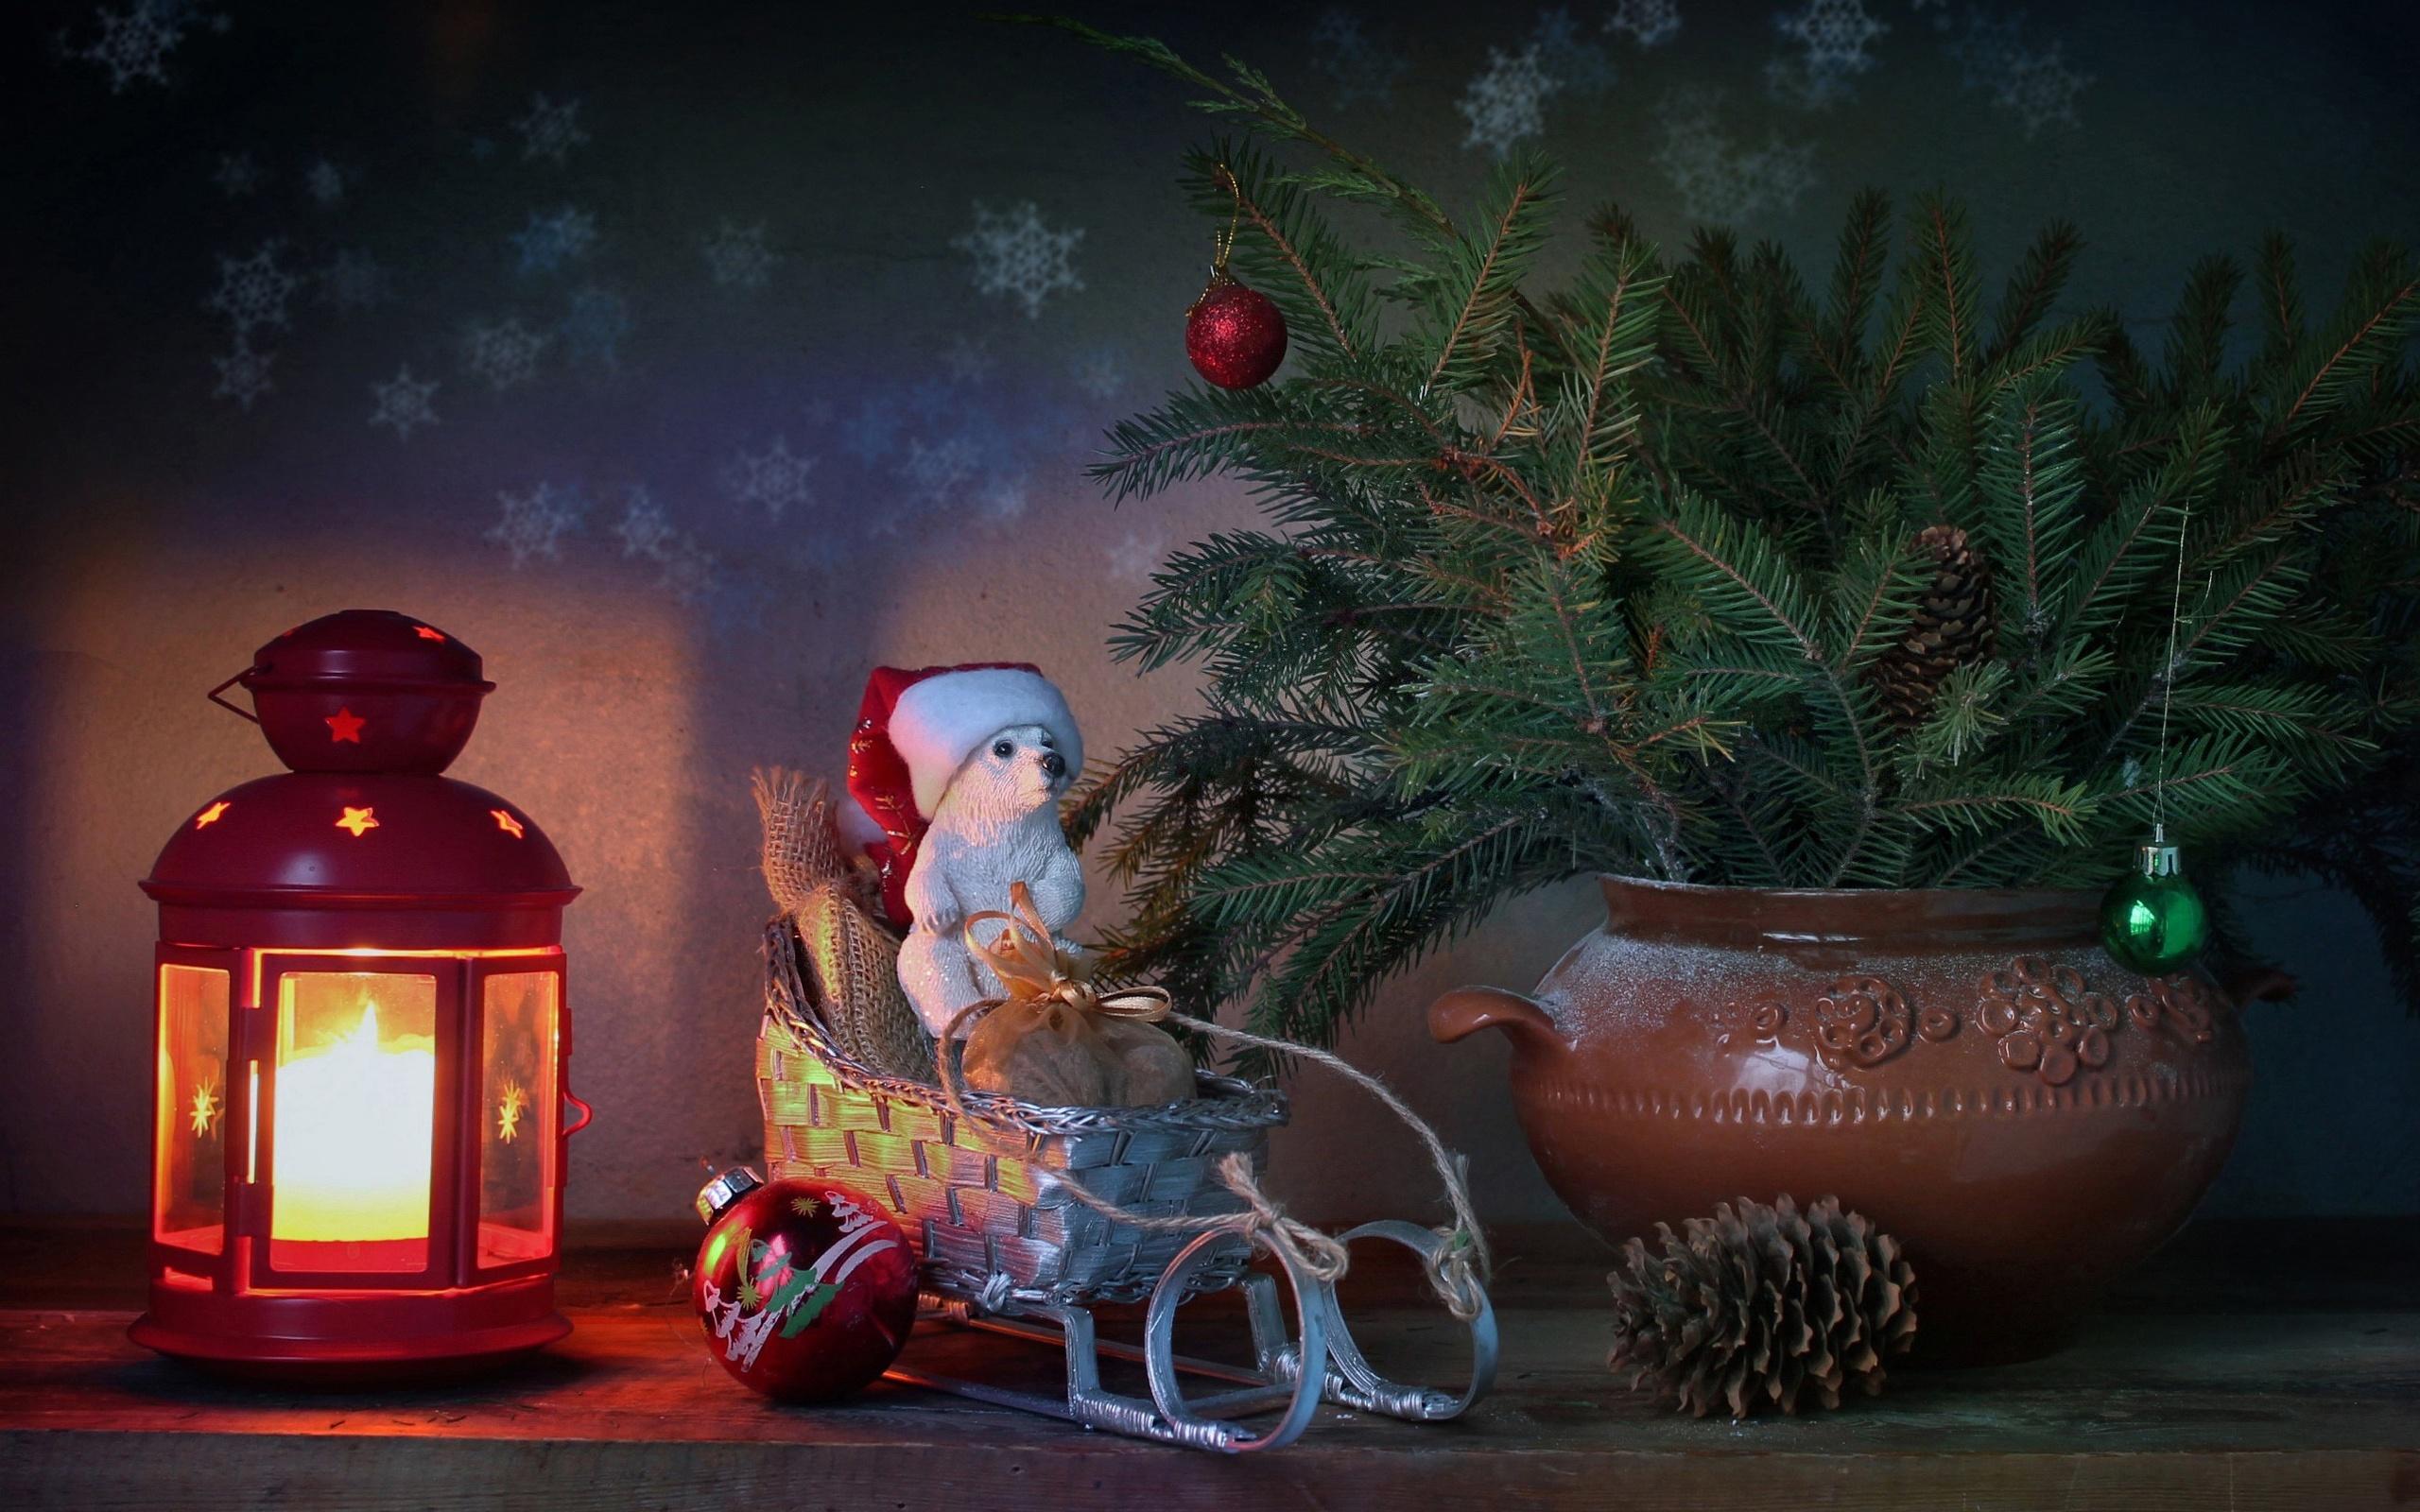 рождество новый год композиция фото примеров может послужить